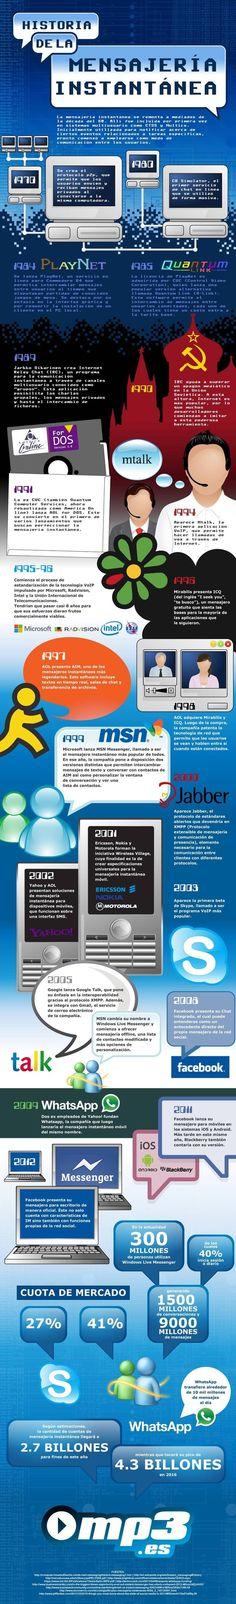 Mensajeria Instantanea un recorrido hasta hoy http://tecnoalt.com/mensajeria-instantanea-recorrido-hasta-hoy/